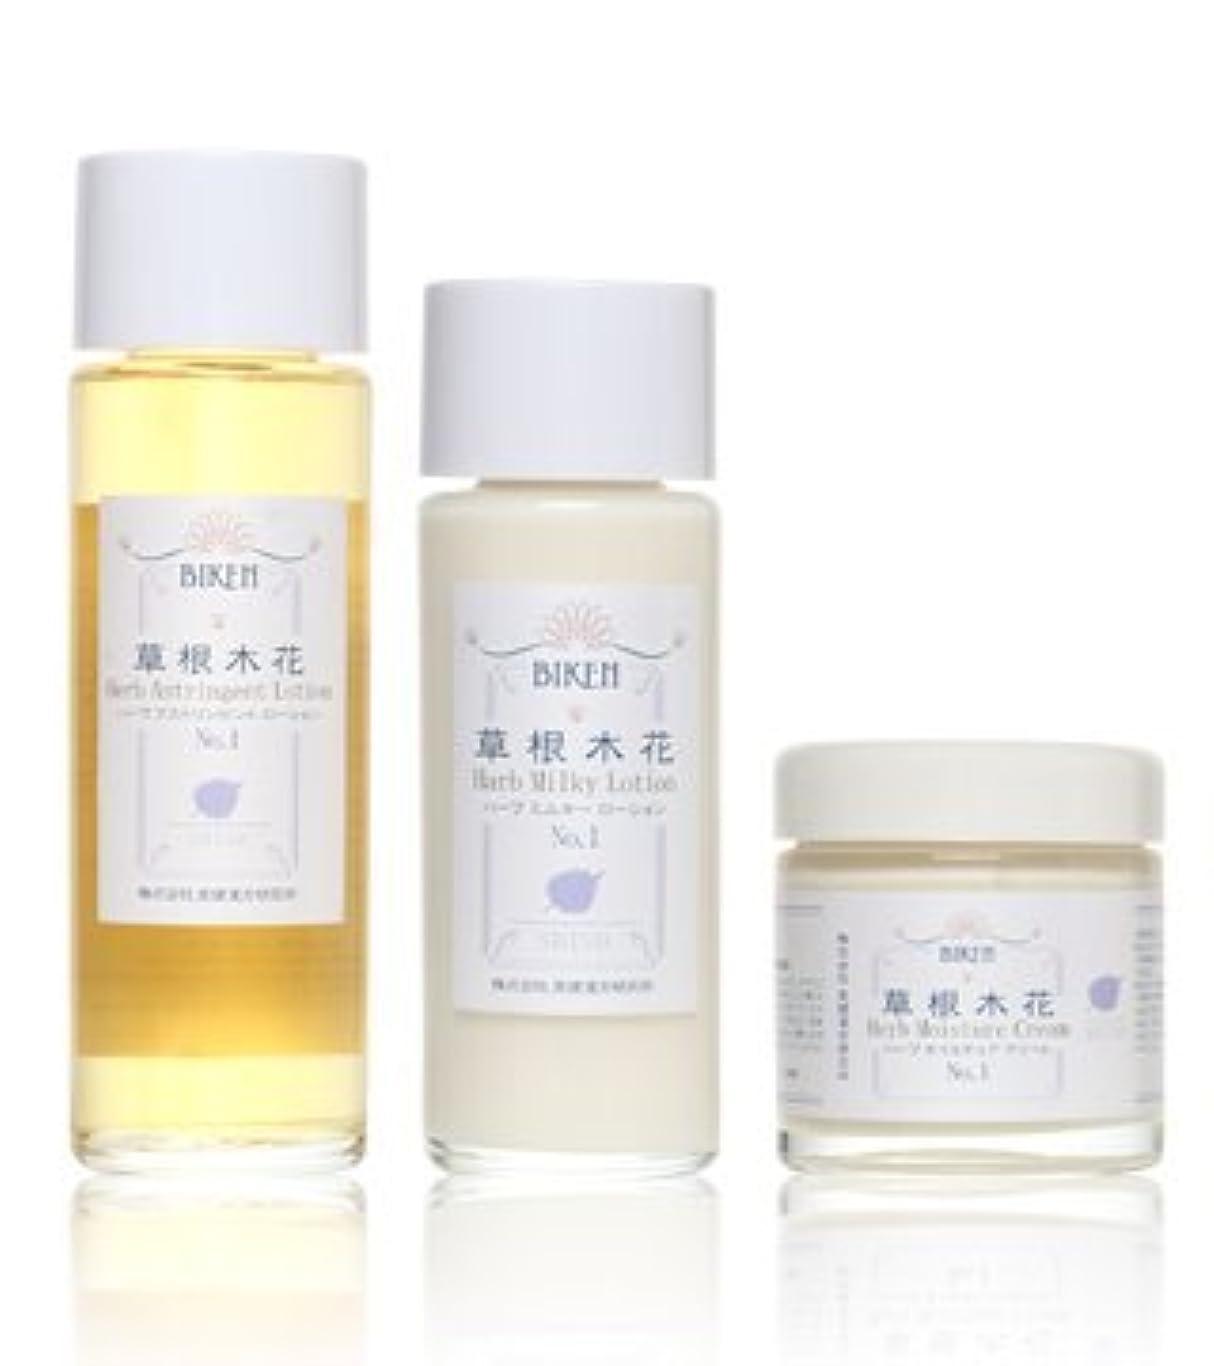 大西洋同種の生産性美健漢方研究所 紫蘇エキス漢方 化粧水 乳液 クリーム 3点セット 乾燥肌?敏感肌用